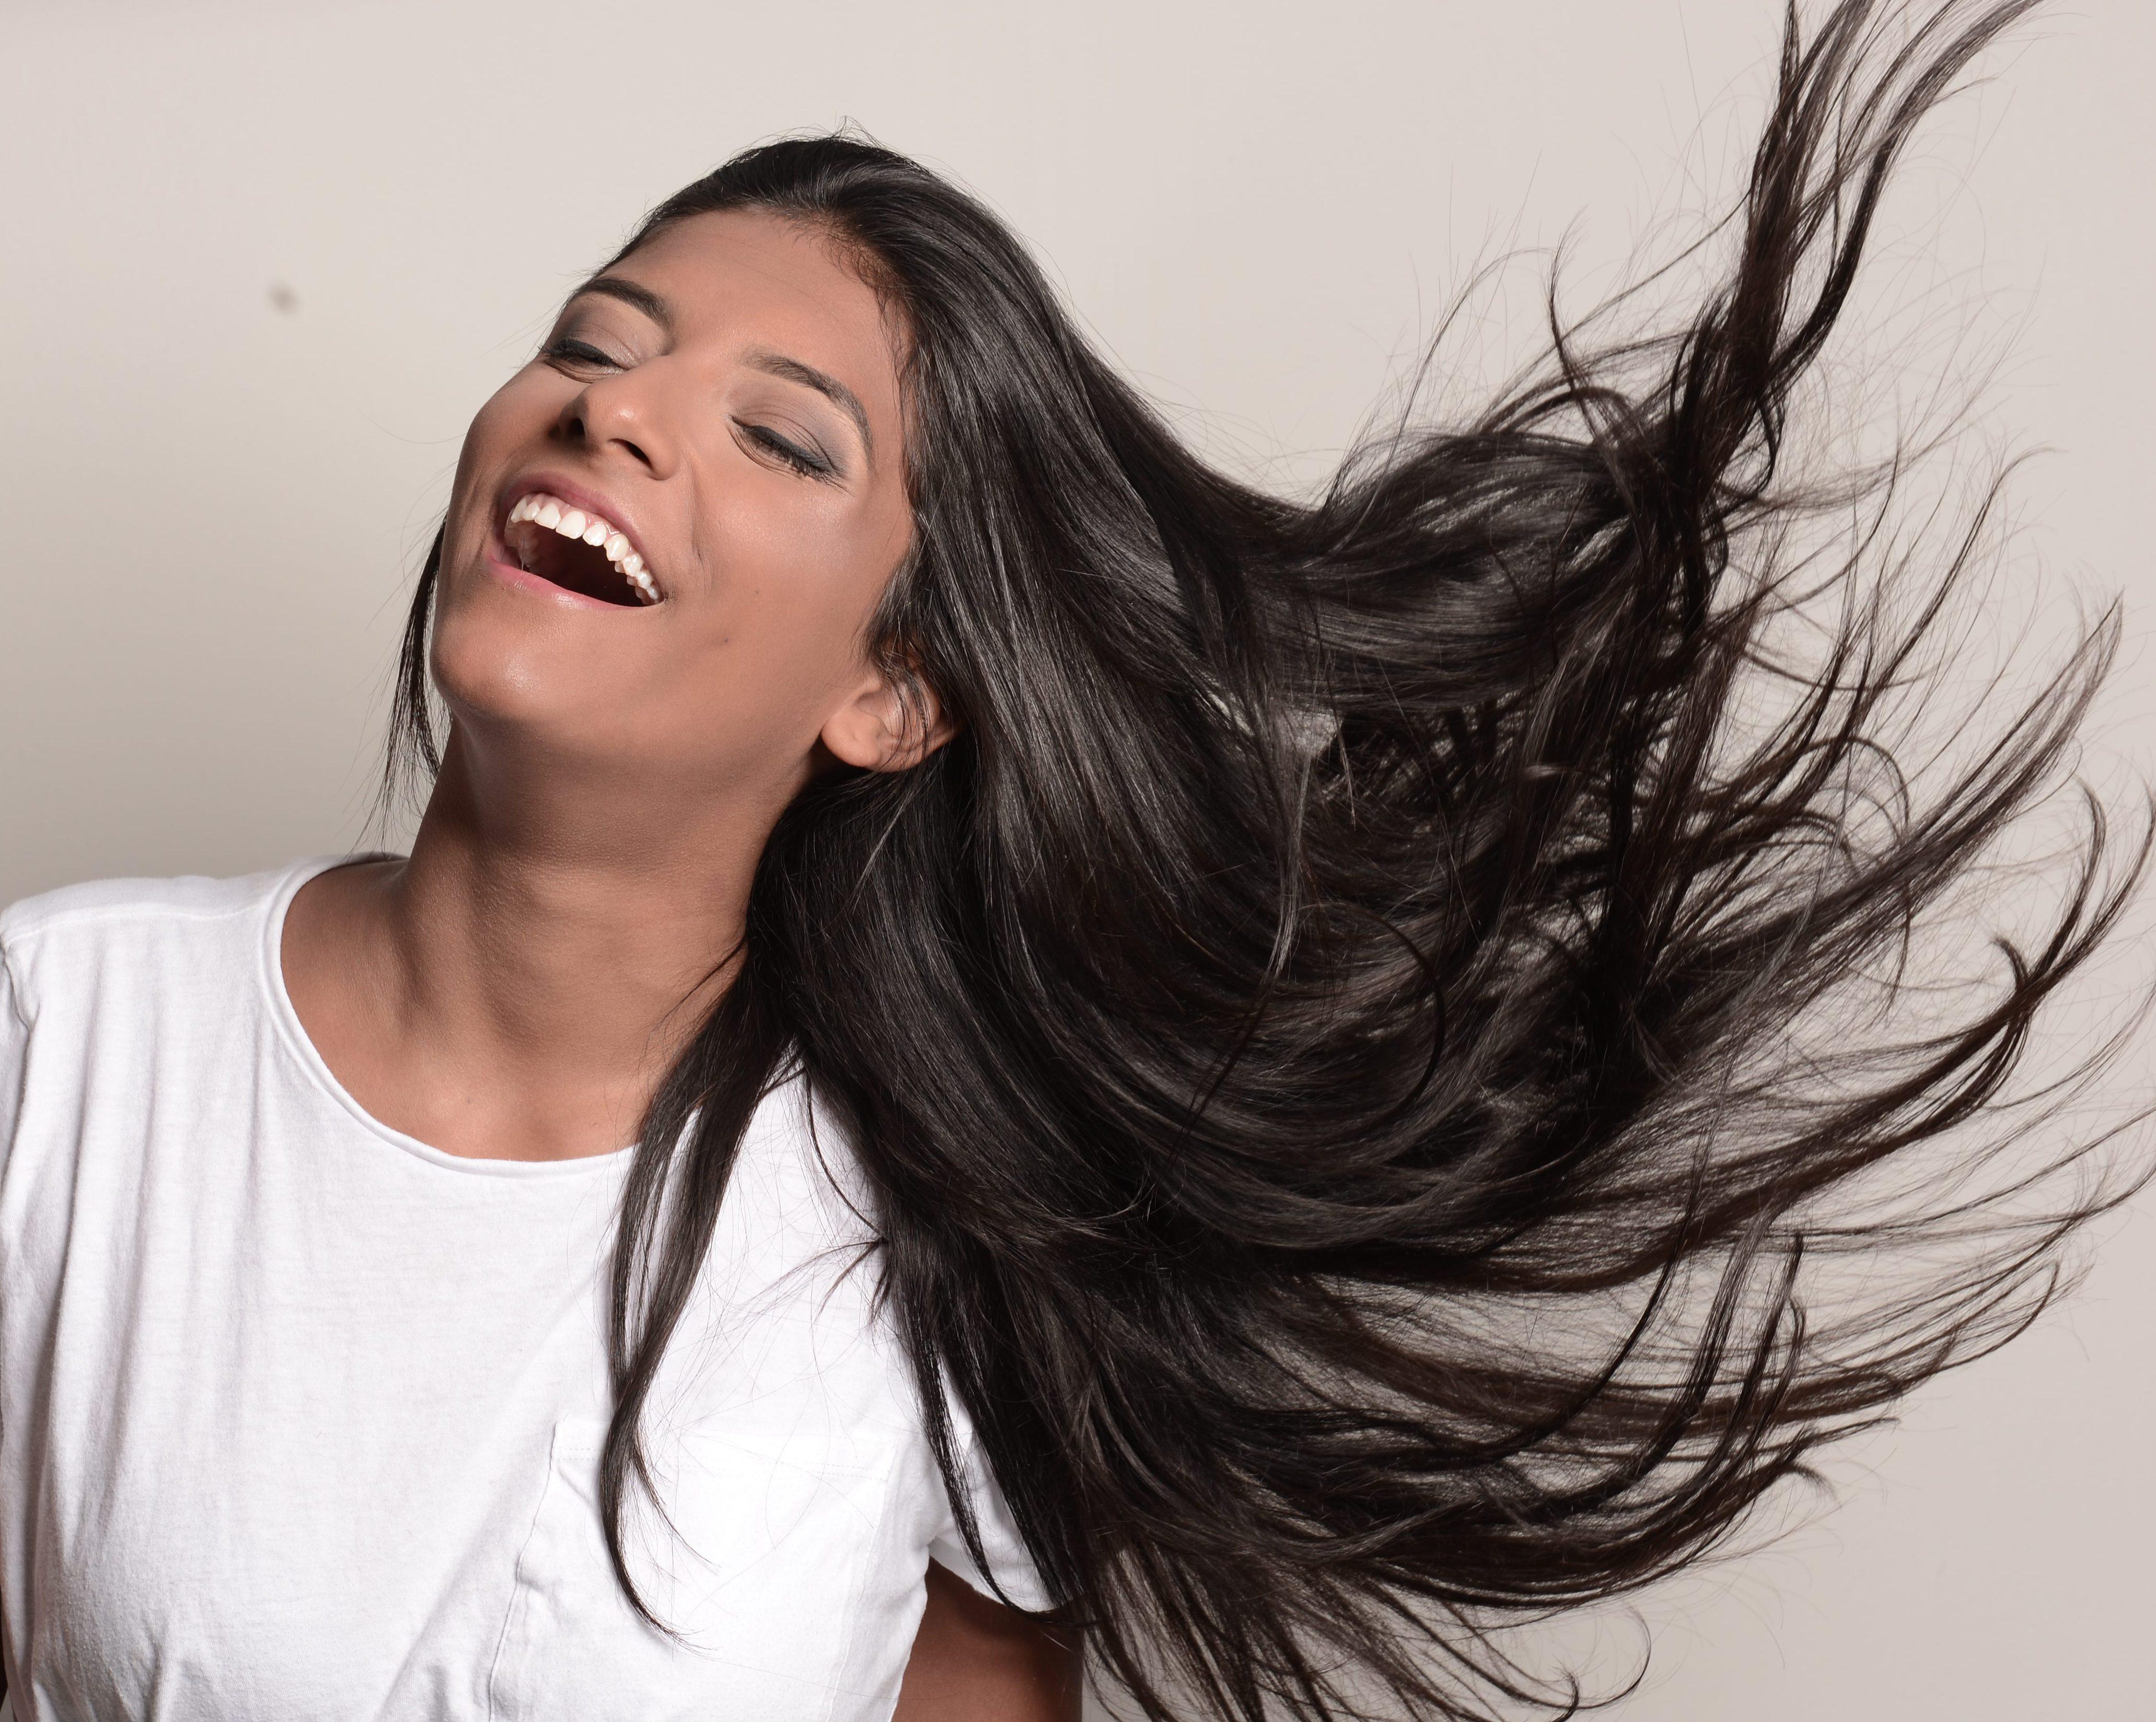 Progressiva sem formol existe? Saiba como alisar seu cabelo sem o ativo